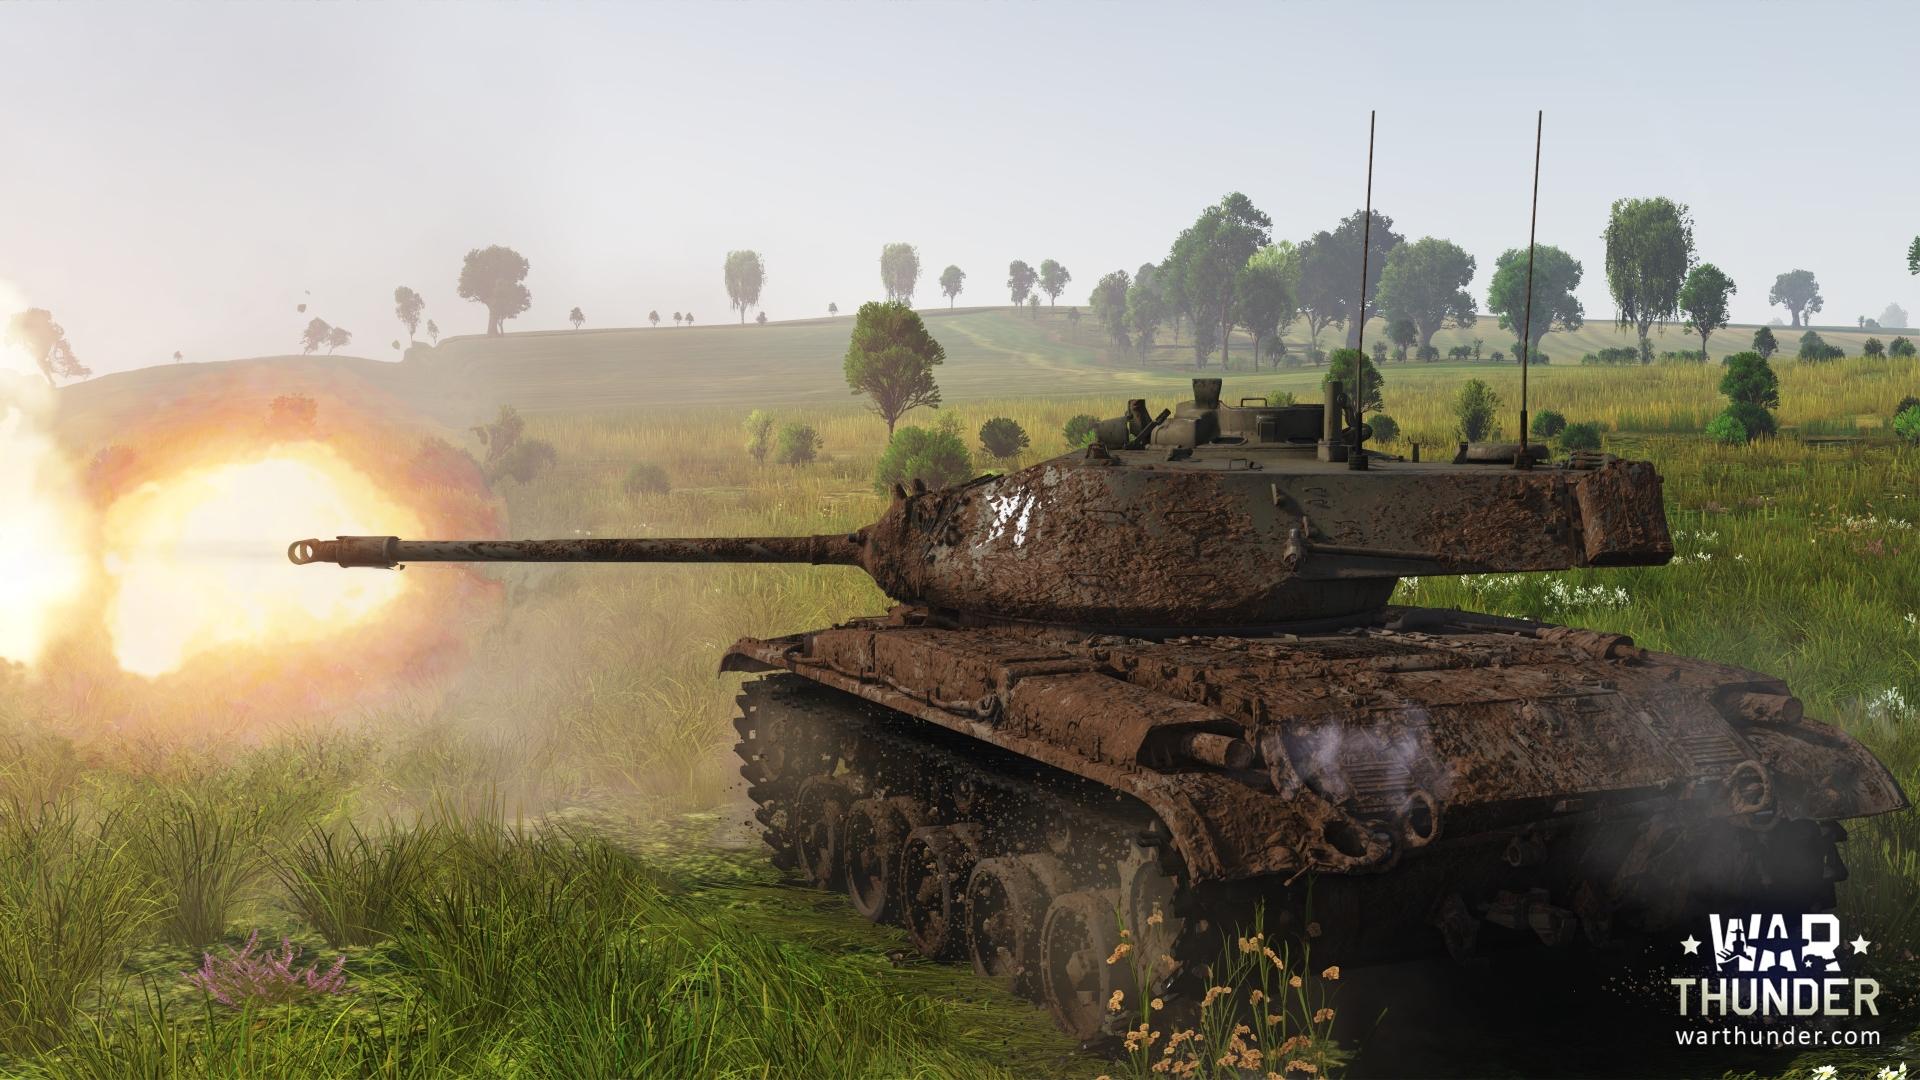 発砲する戦車のかっこいい壁紙